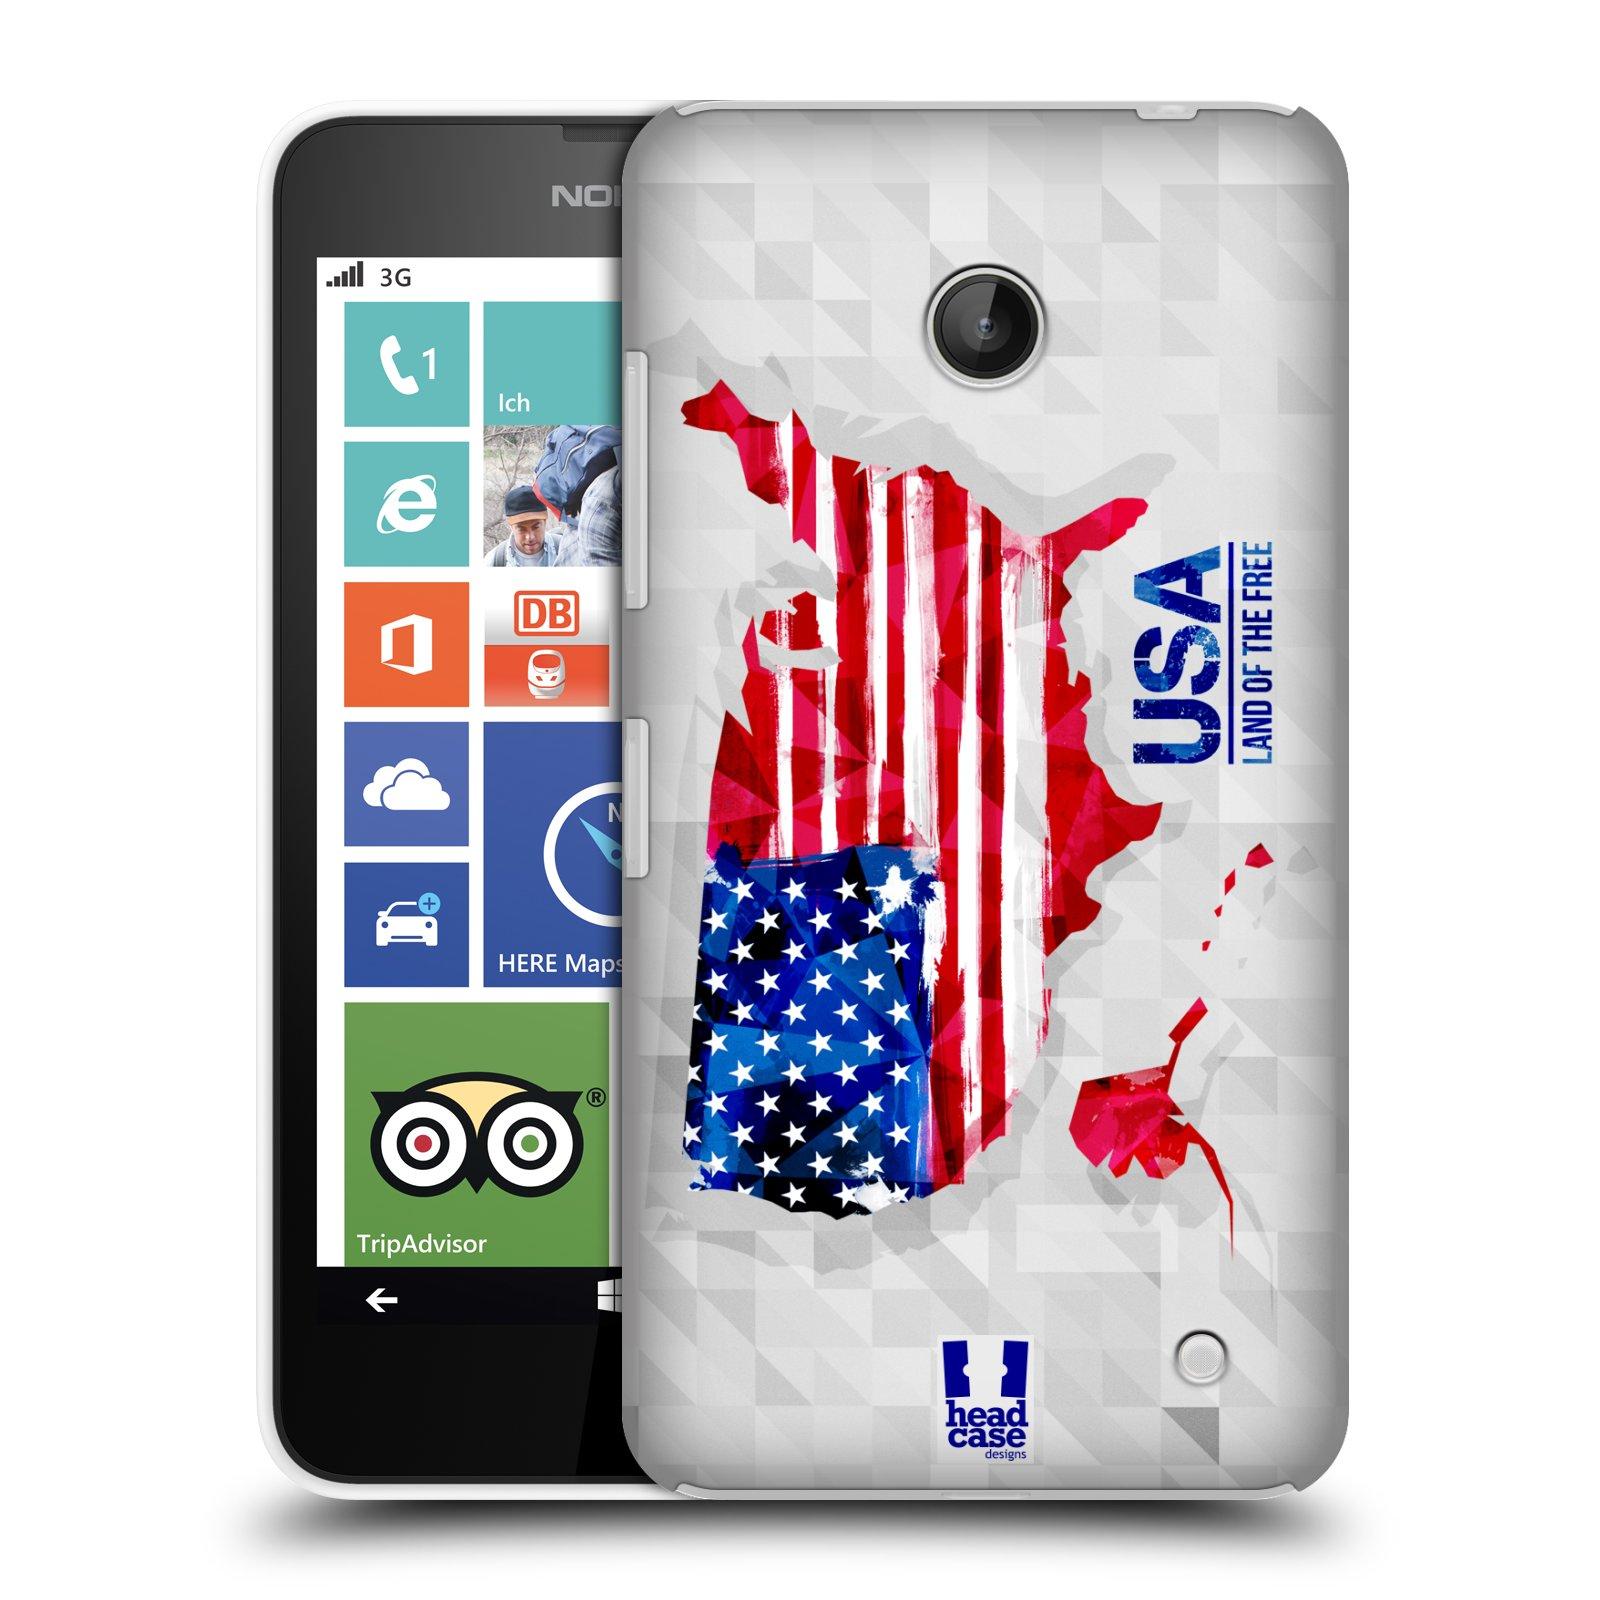 Plastové pouzdro na mobil Nokia Lumia 630 HEAD CASE GEOMAPA USA (Kryt či obal na mobilní telefon Nokia Lumia 630 a Nokia Lumia 630 Dual SIM)